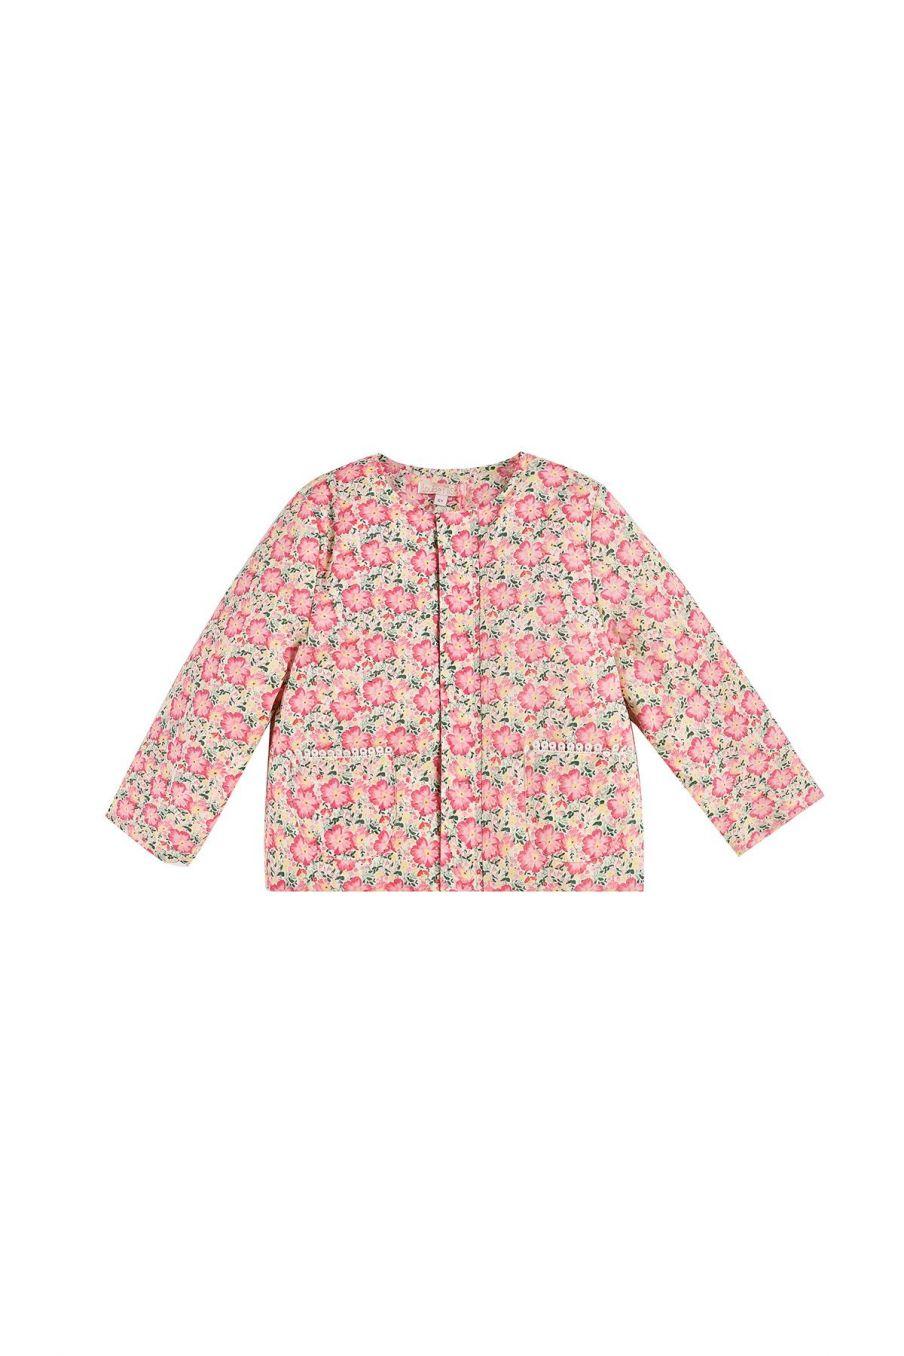 bohemian chic vintage jacket girl soluta pink meadow